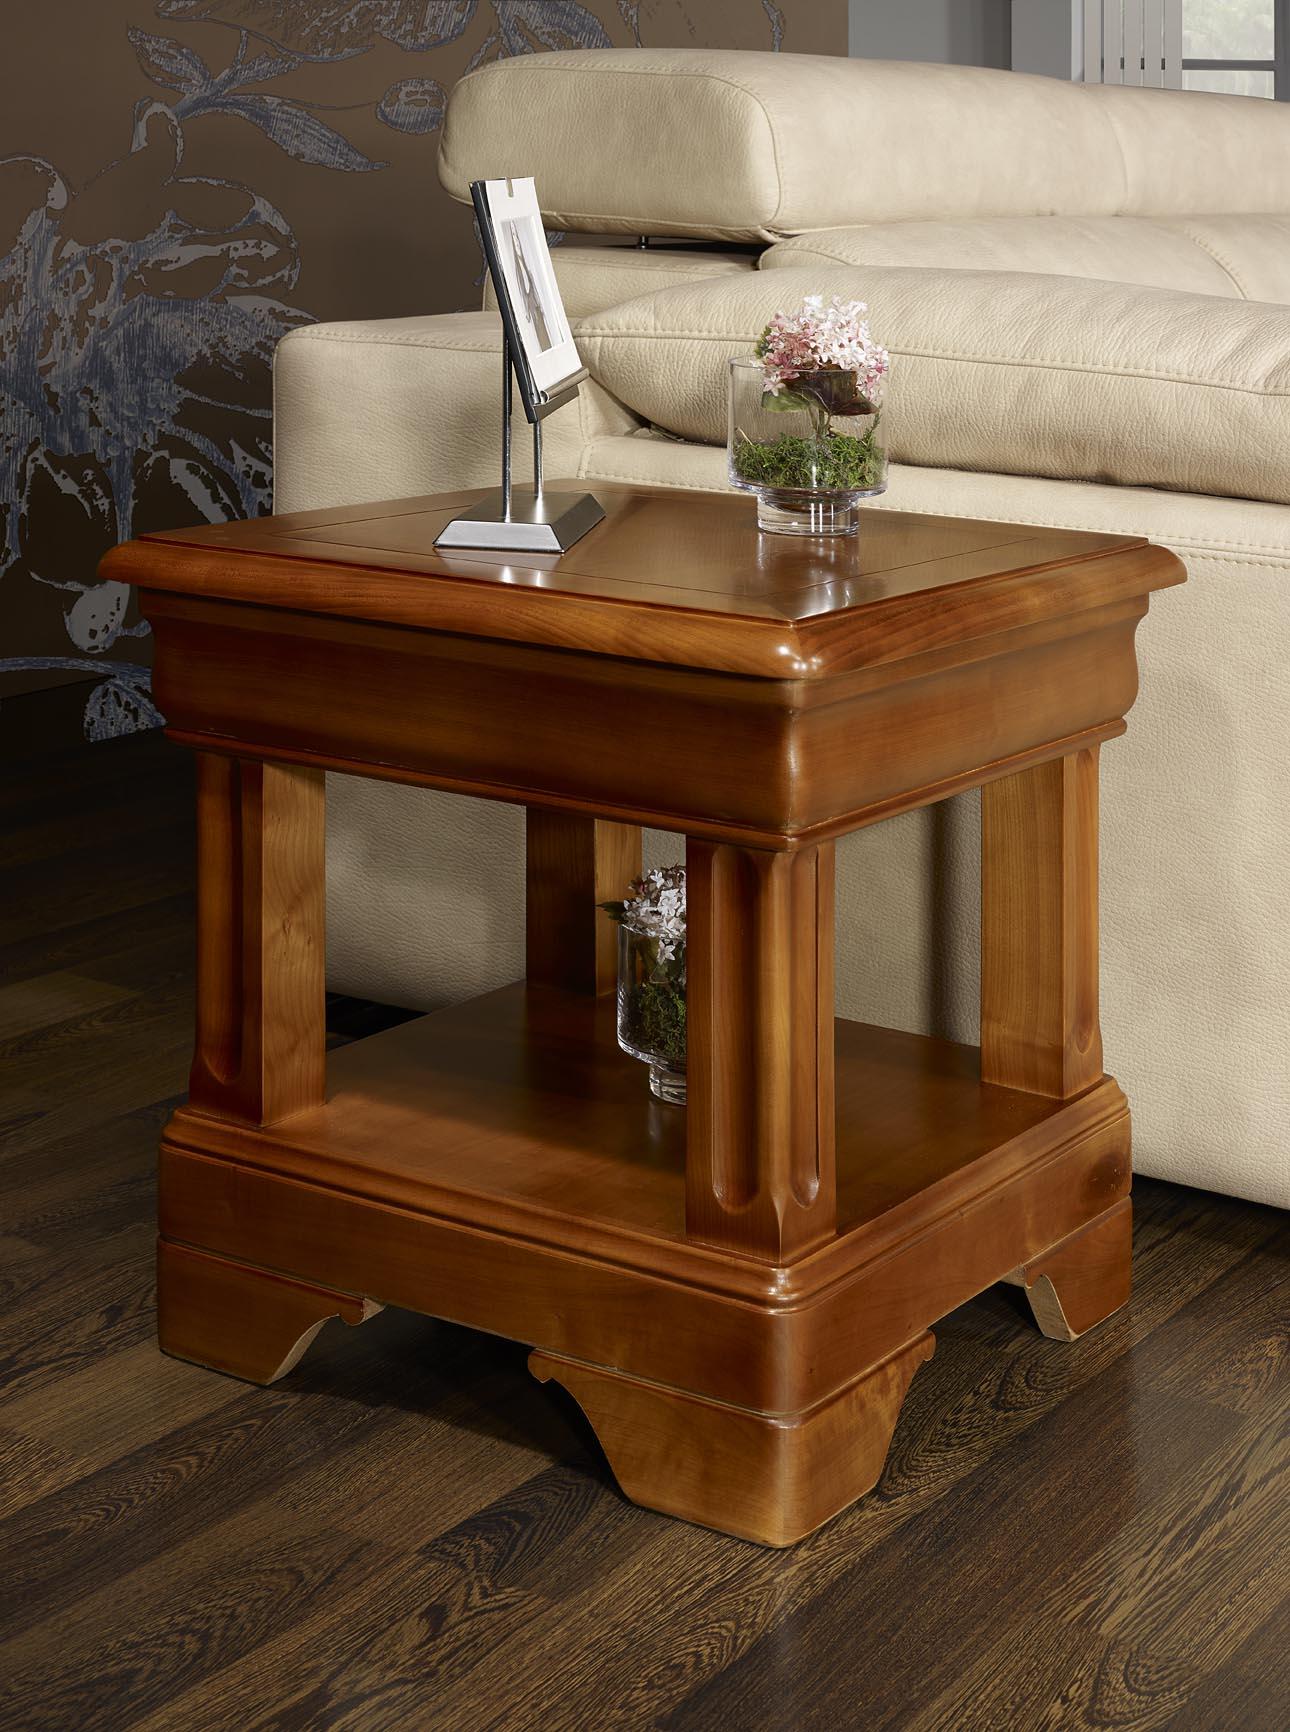 Bout de canap ou table basse en merisier de style louis - Meuble bout de canape ...